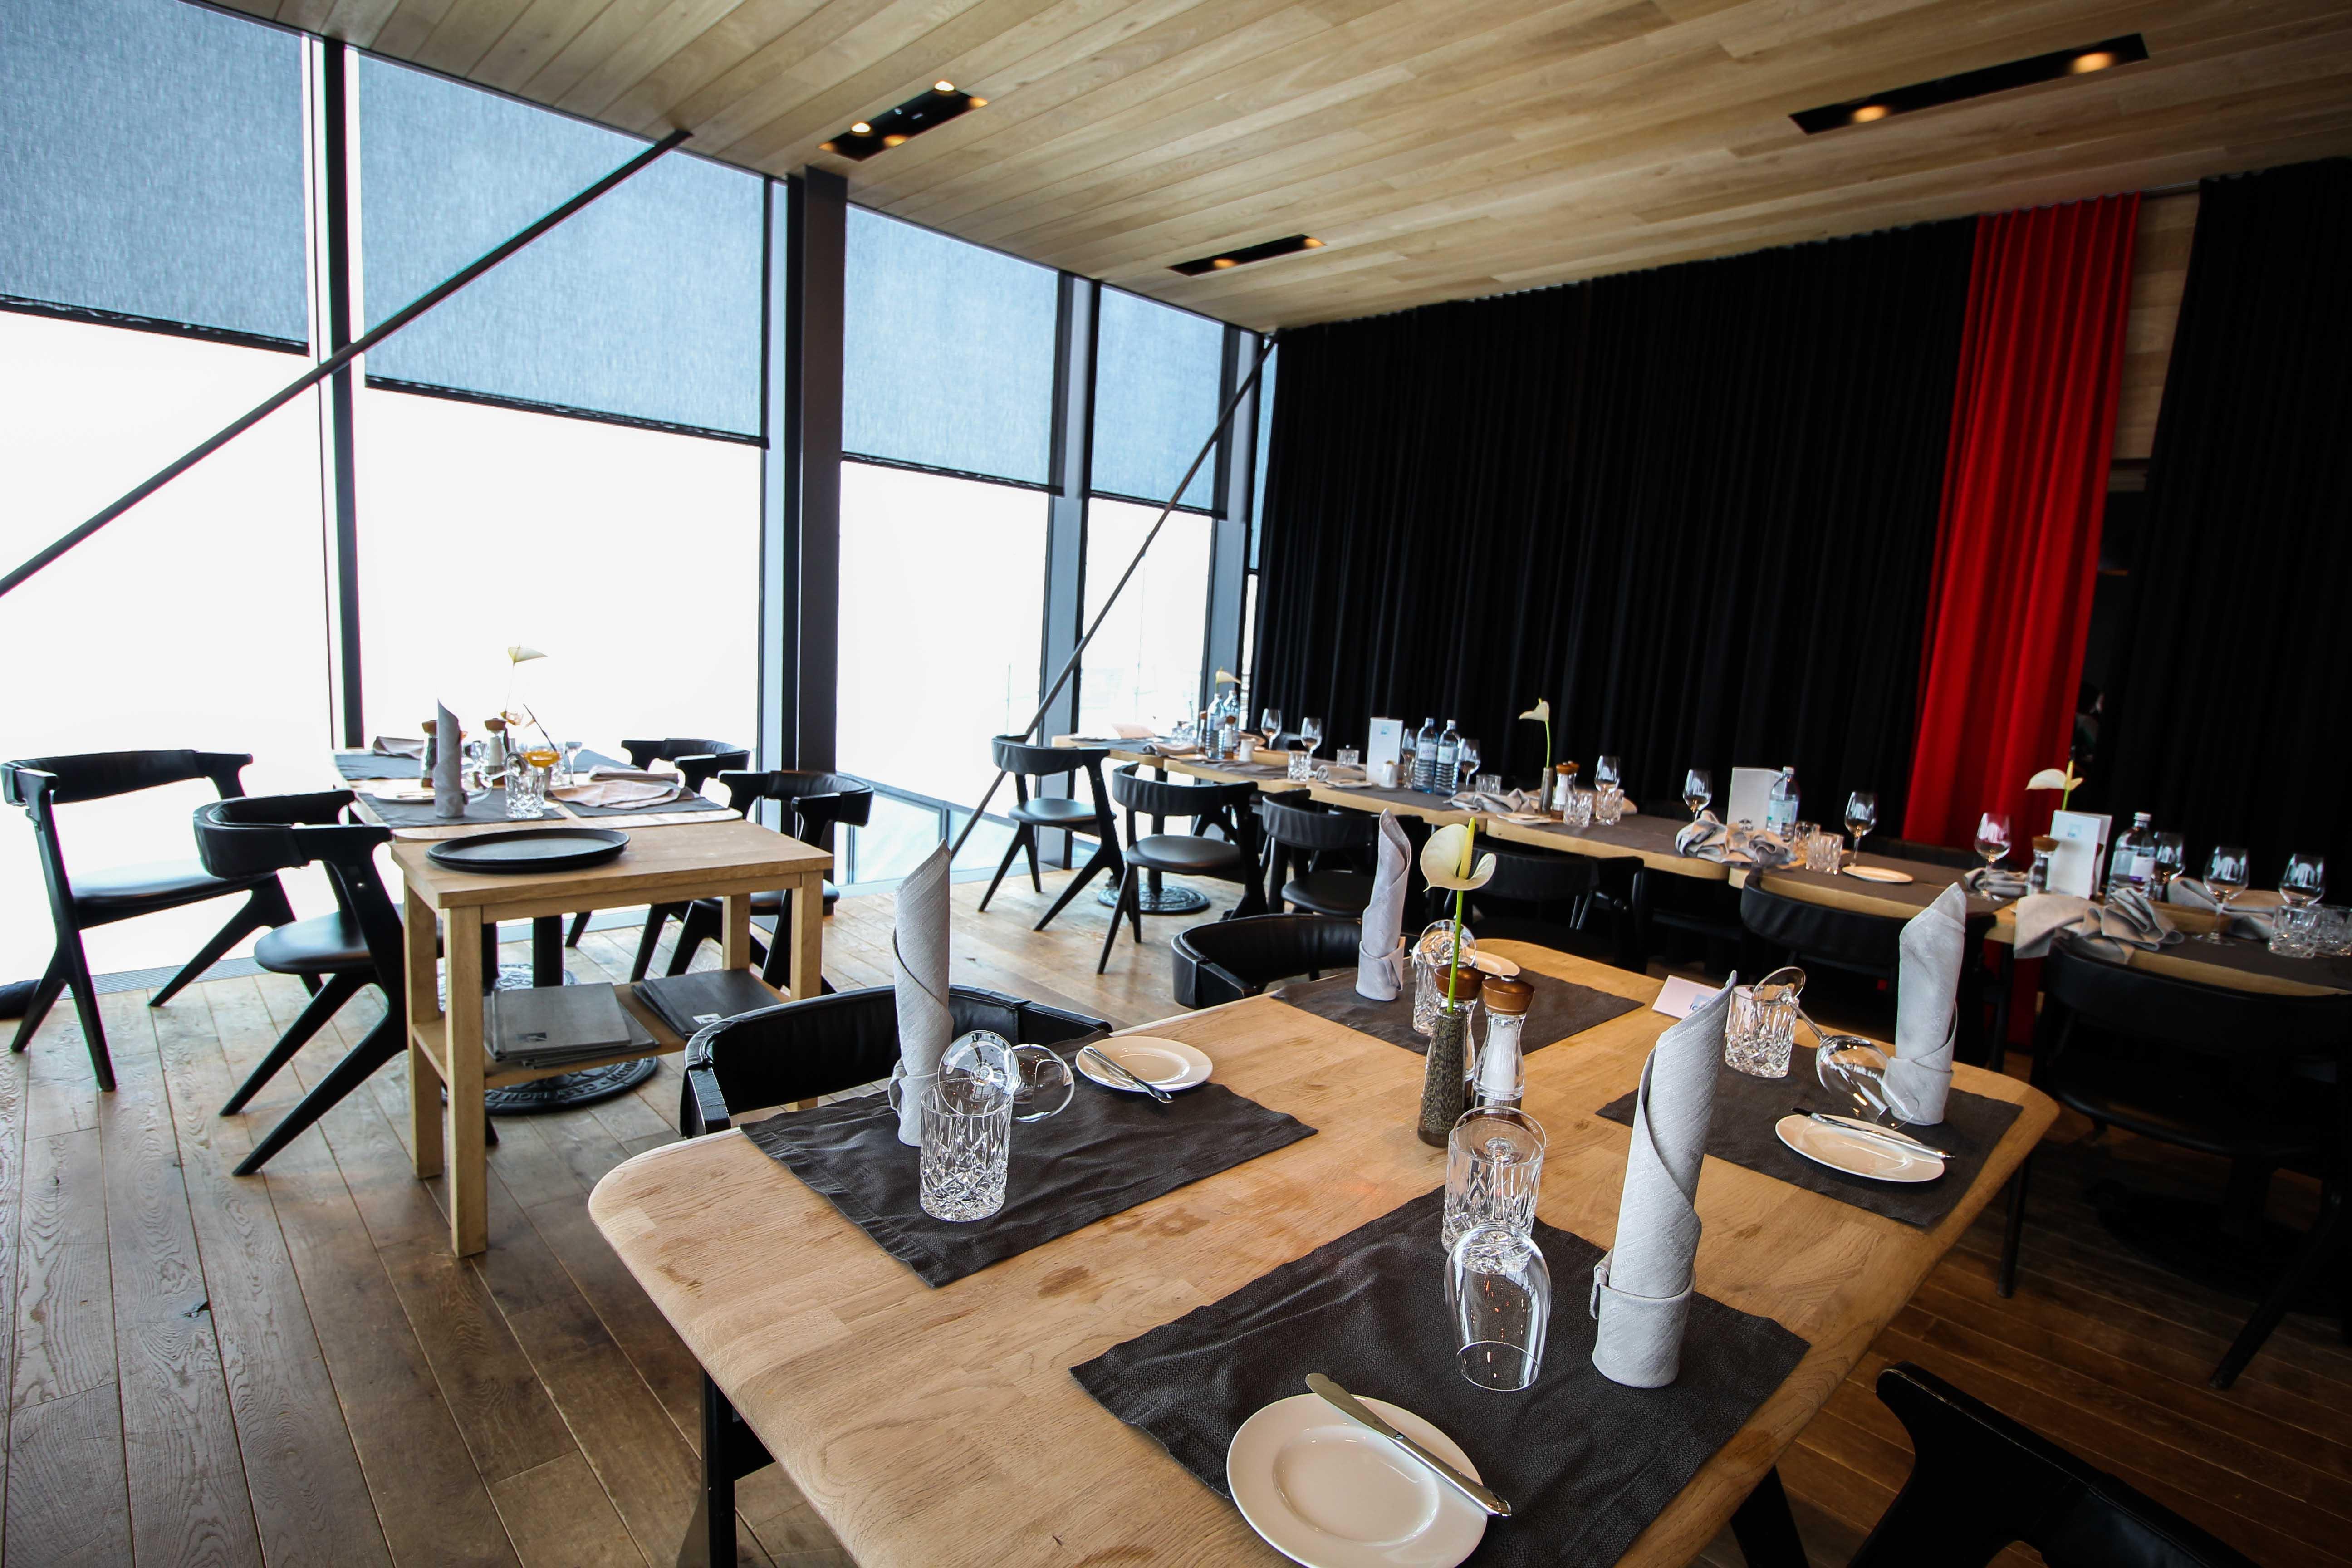 Gourmet-Restaurant Tisch iceQ Sölden Tirol Österreich James Bond Location Spectre 3000m Gaislachkogl Reiseblog